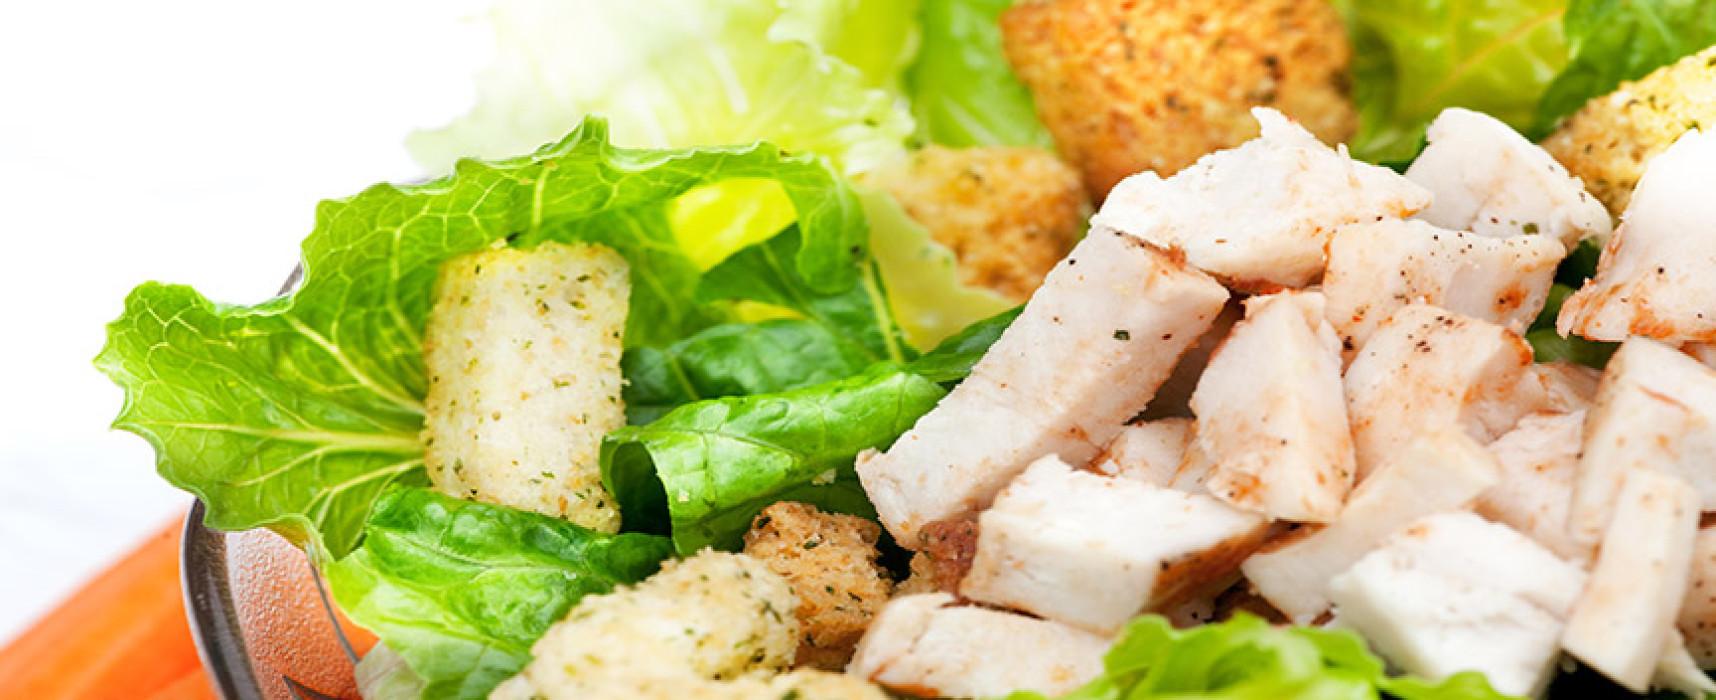 Dale a tu cuerpo dieta mediterránea baja en calorías